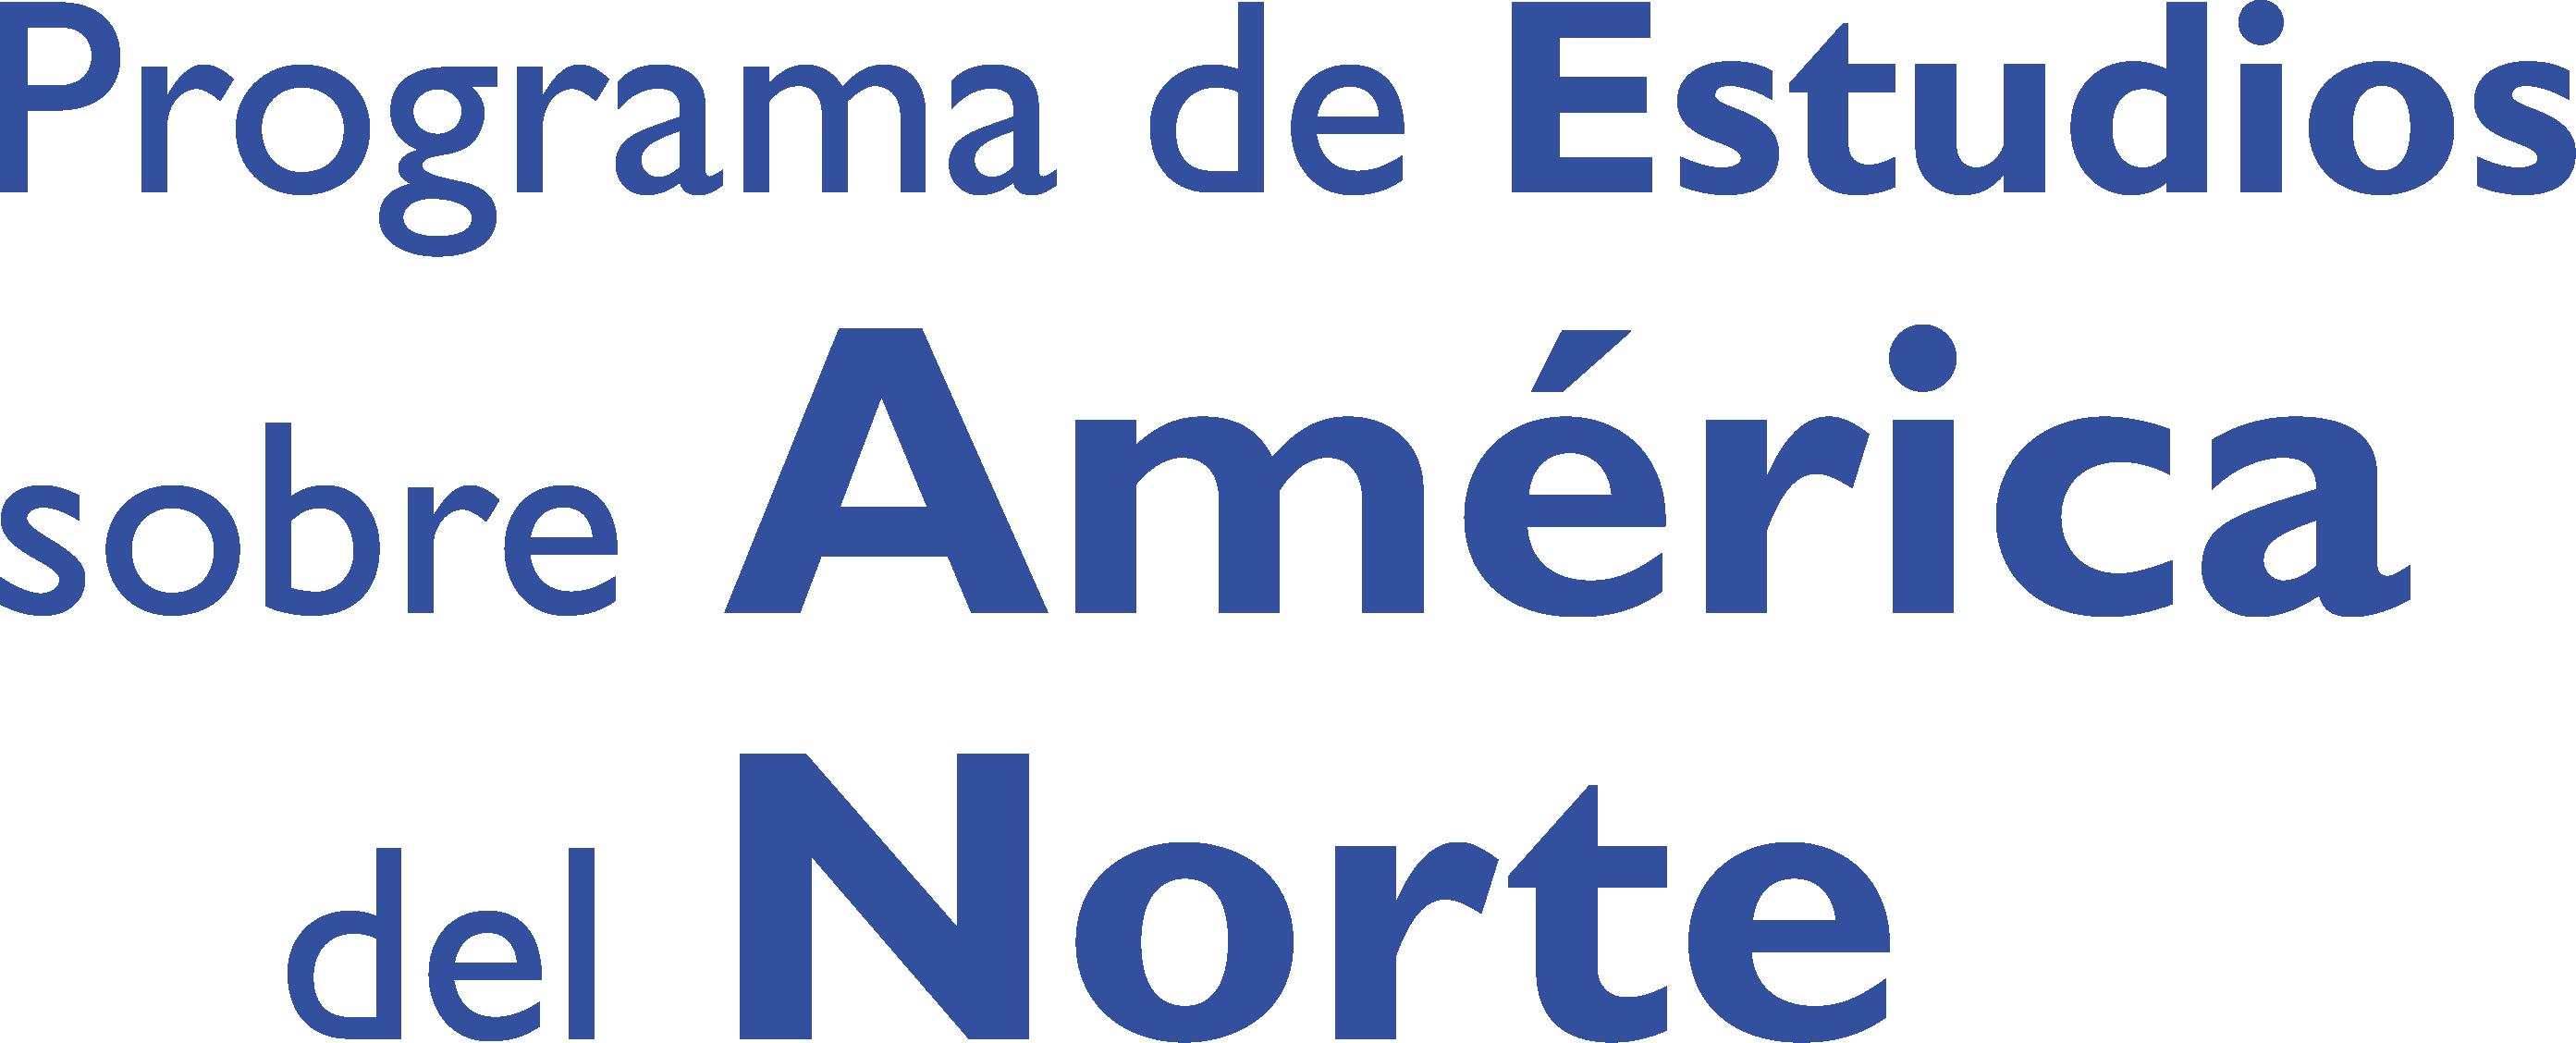 Logo PEAN nuevo color